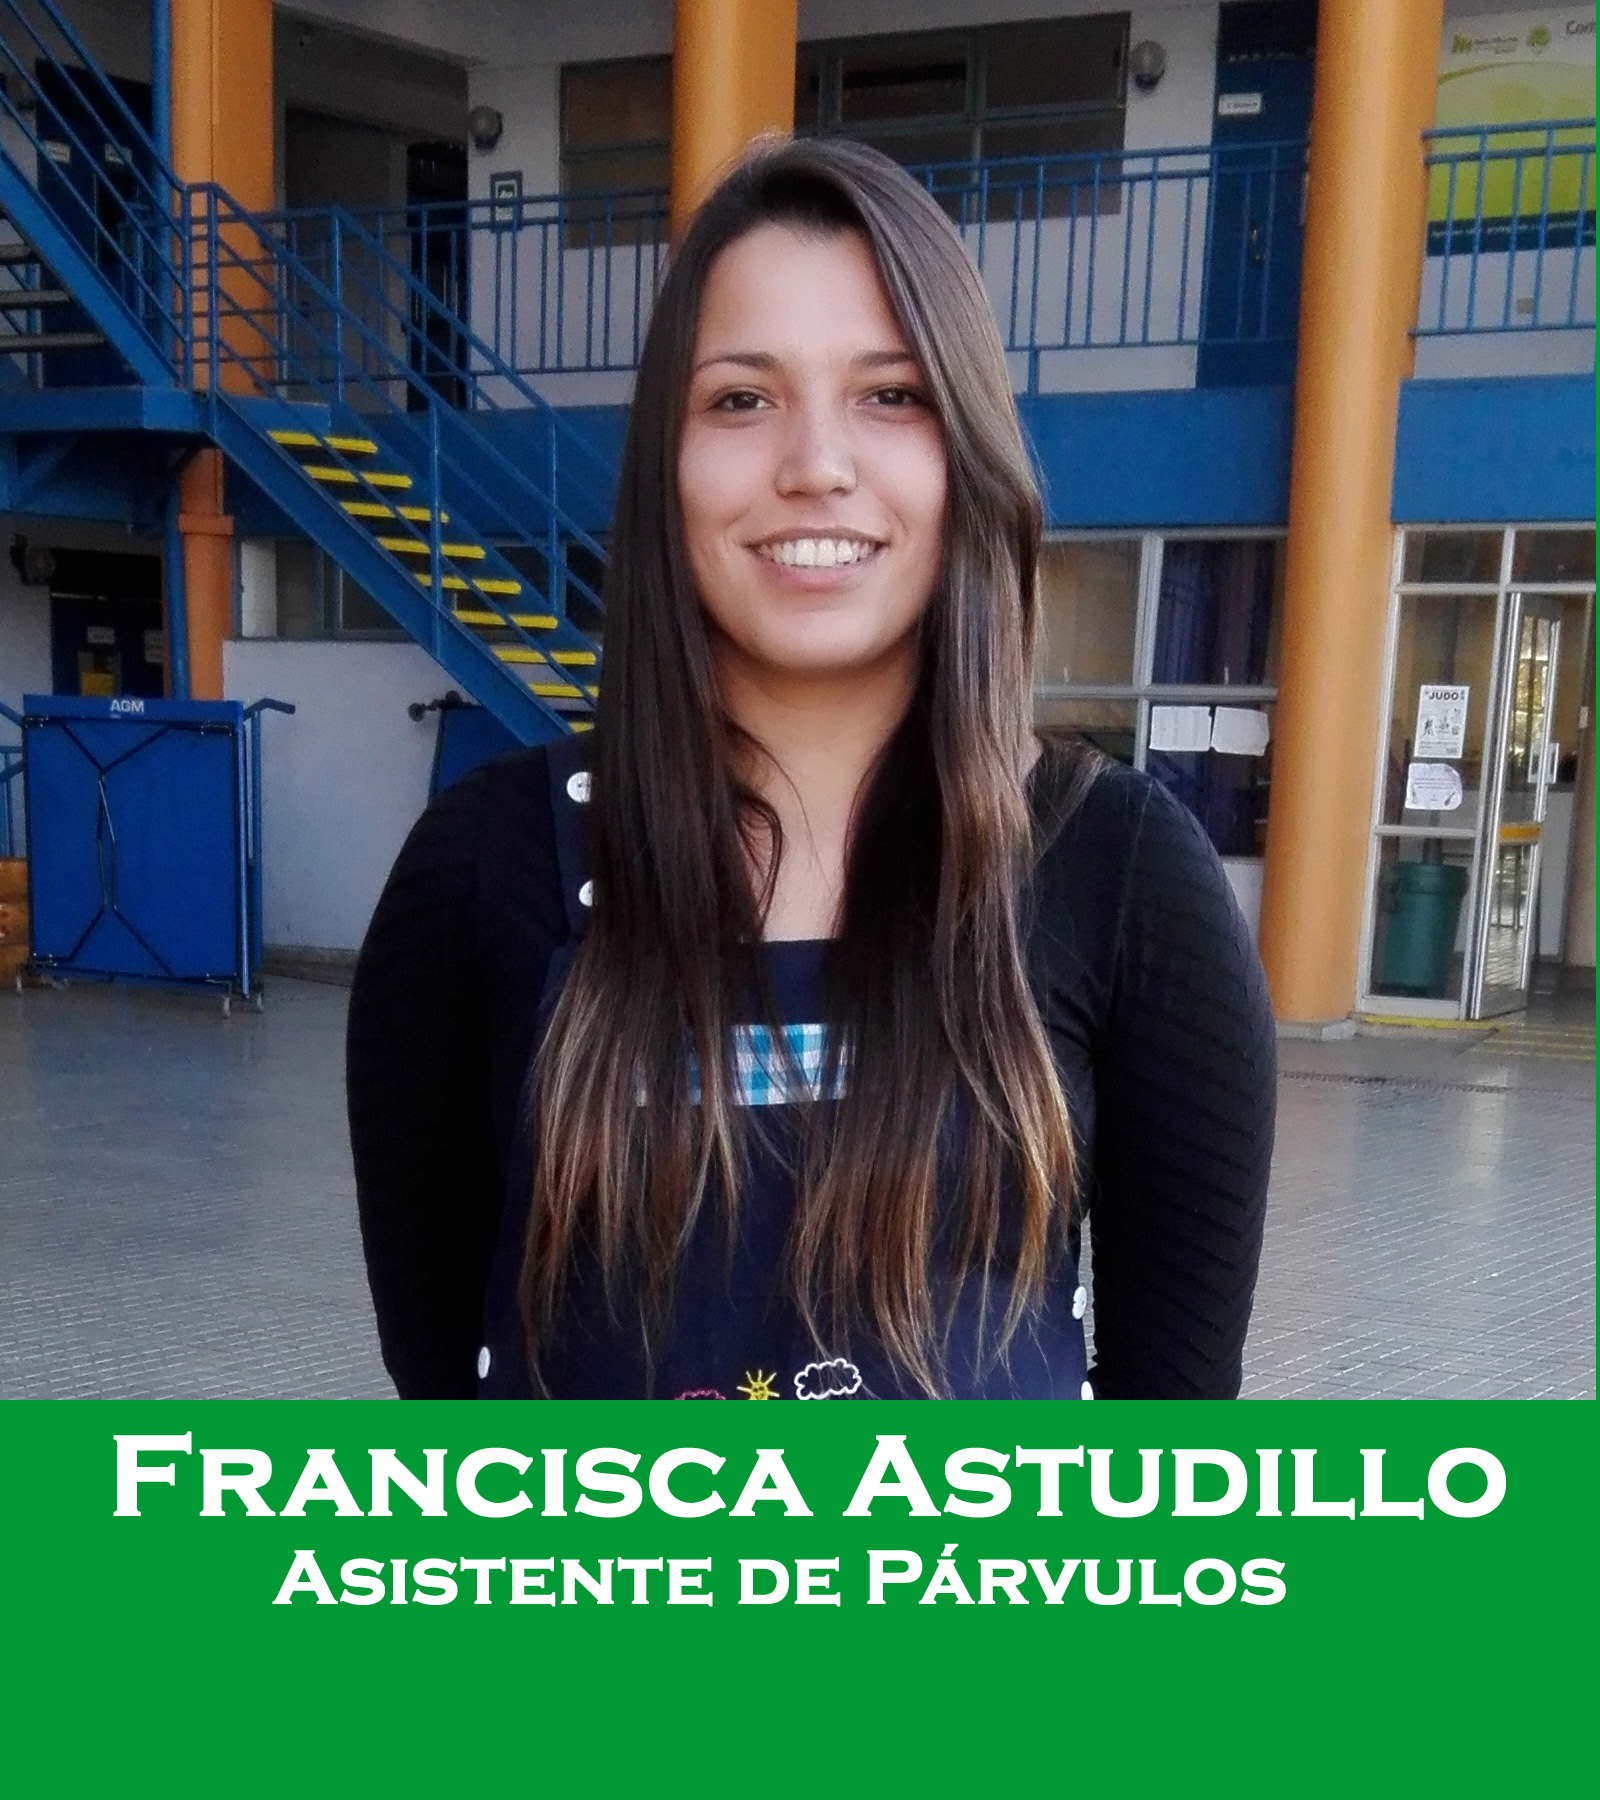 Francisca-Astudillo